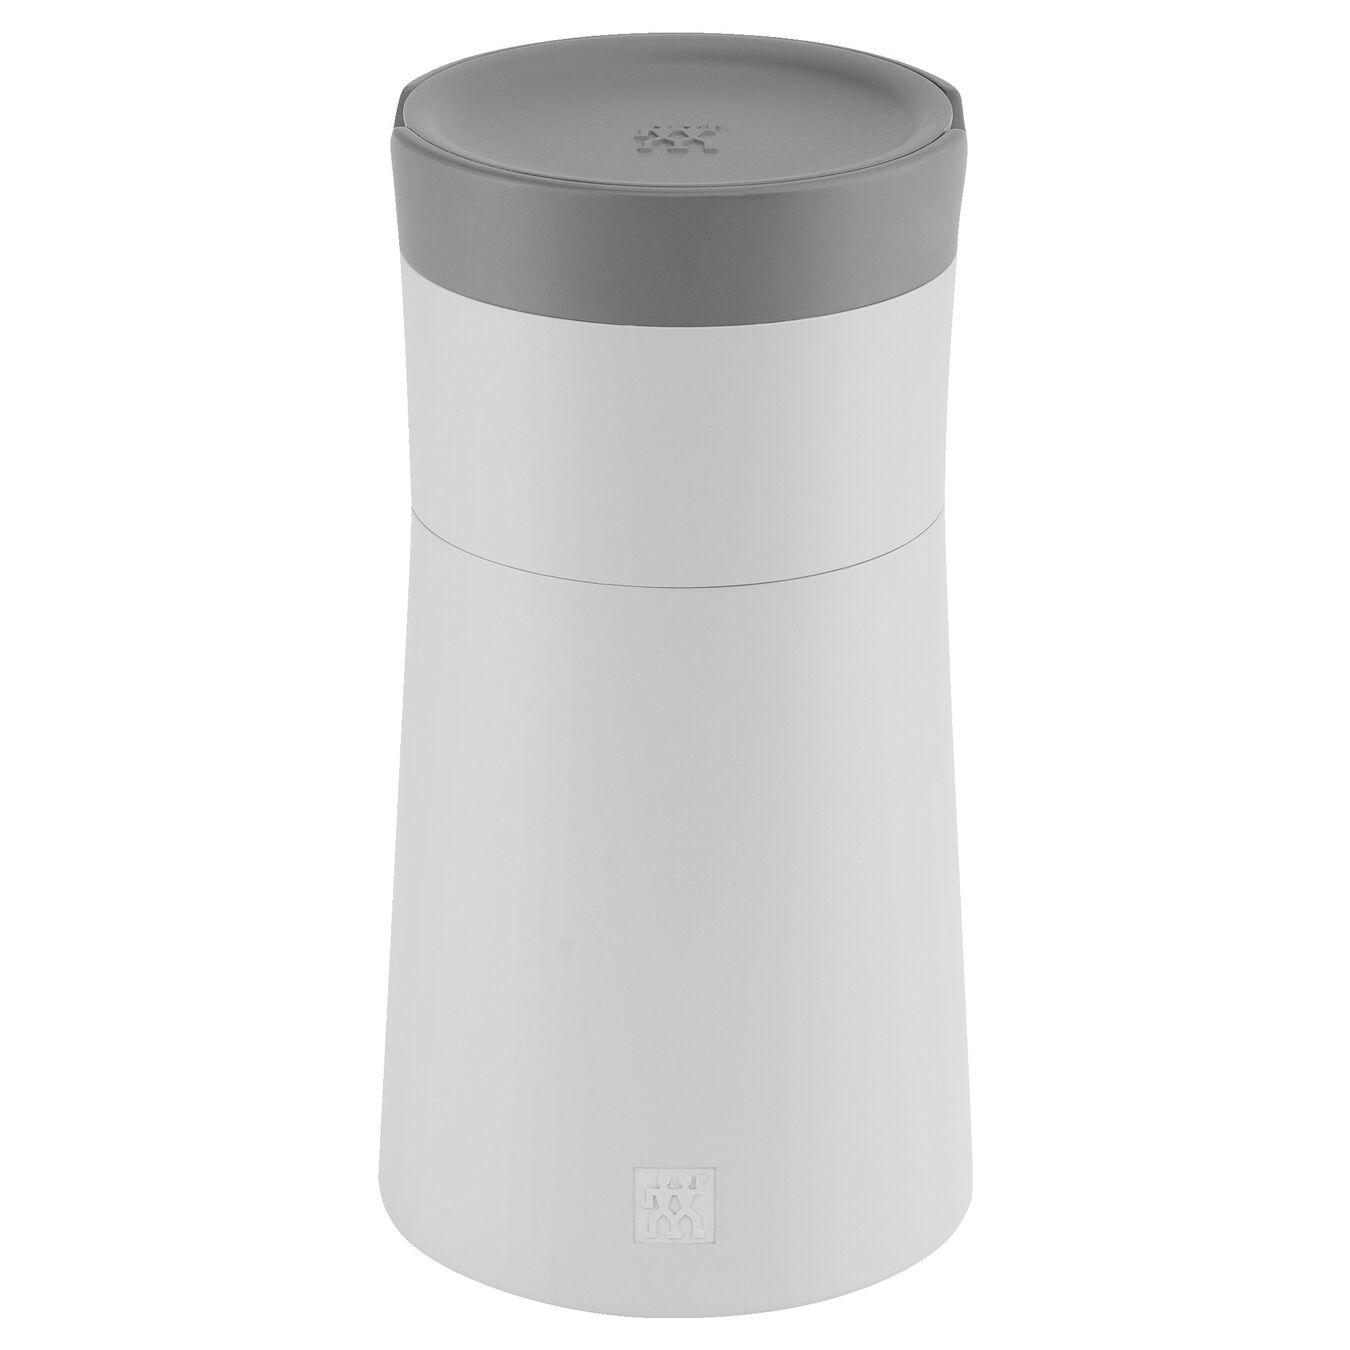 Spiralizer, grey,,large 1